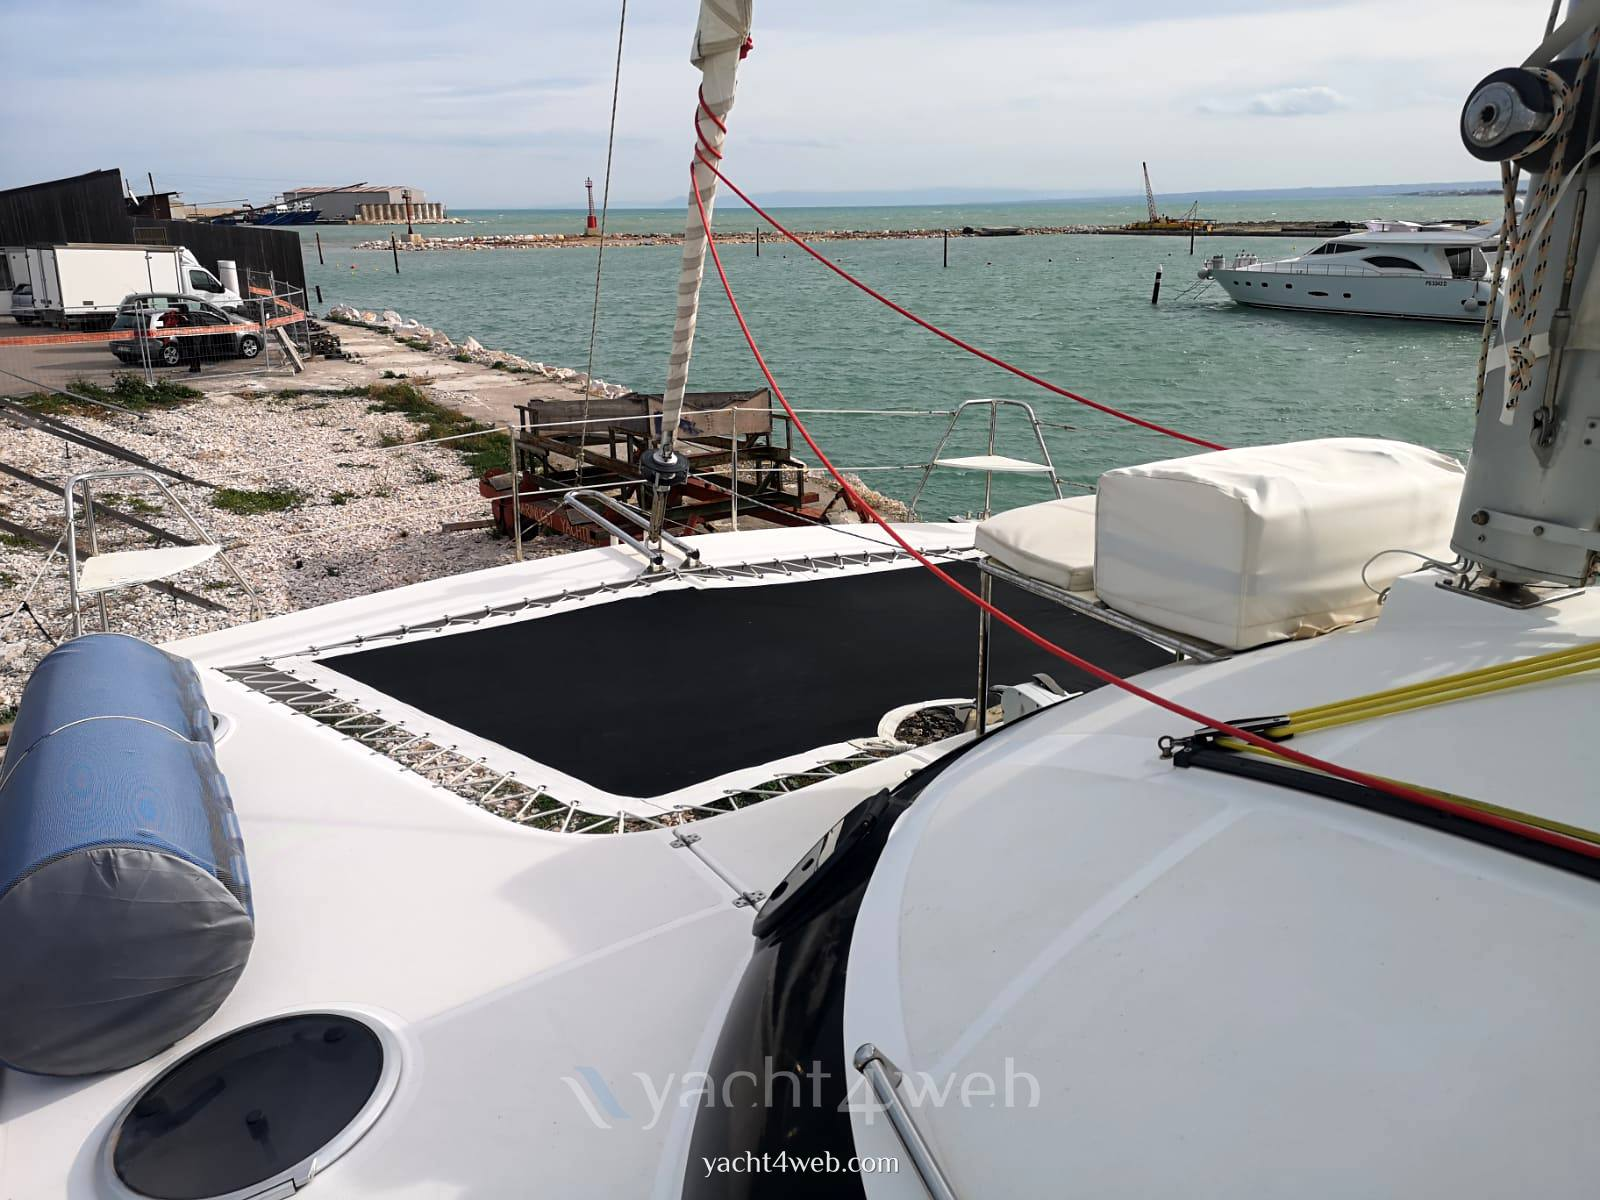 Lady Hawke Lh 33 sailing boat